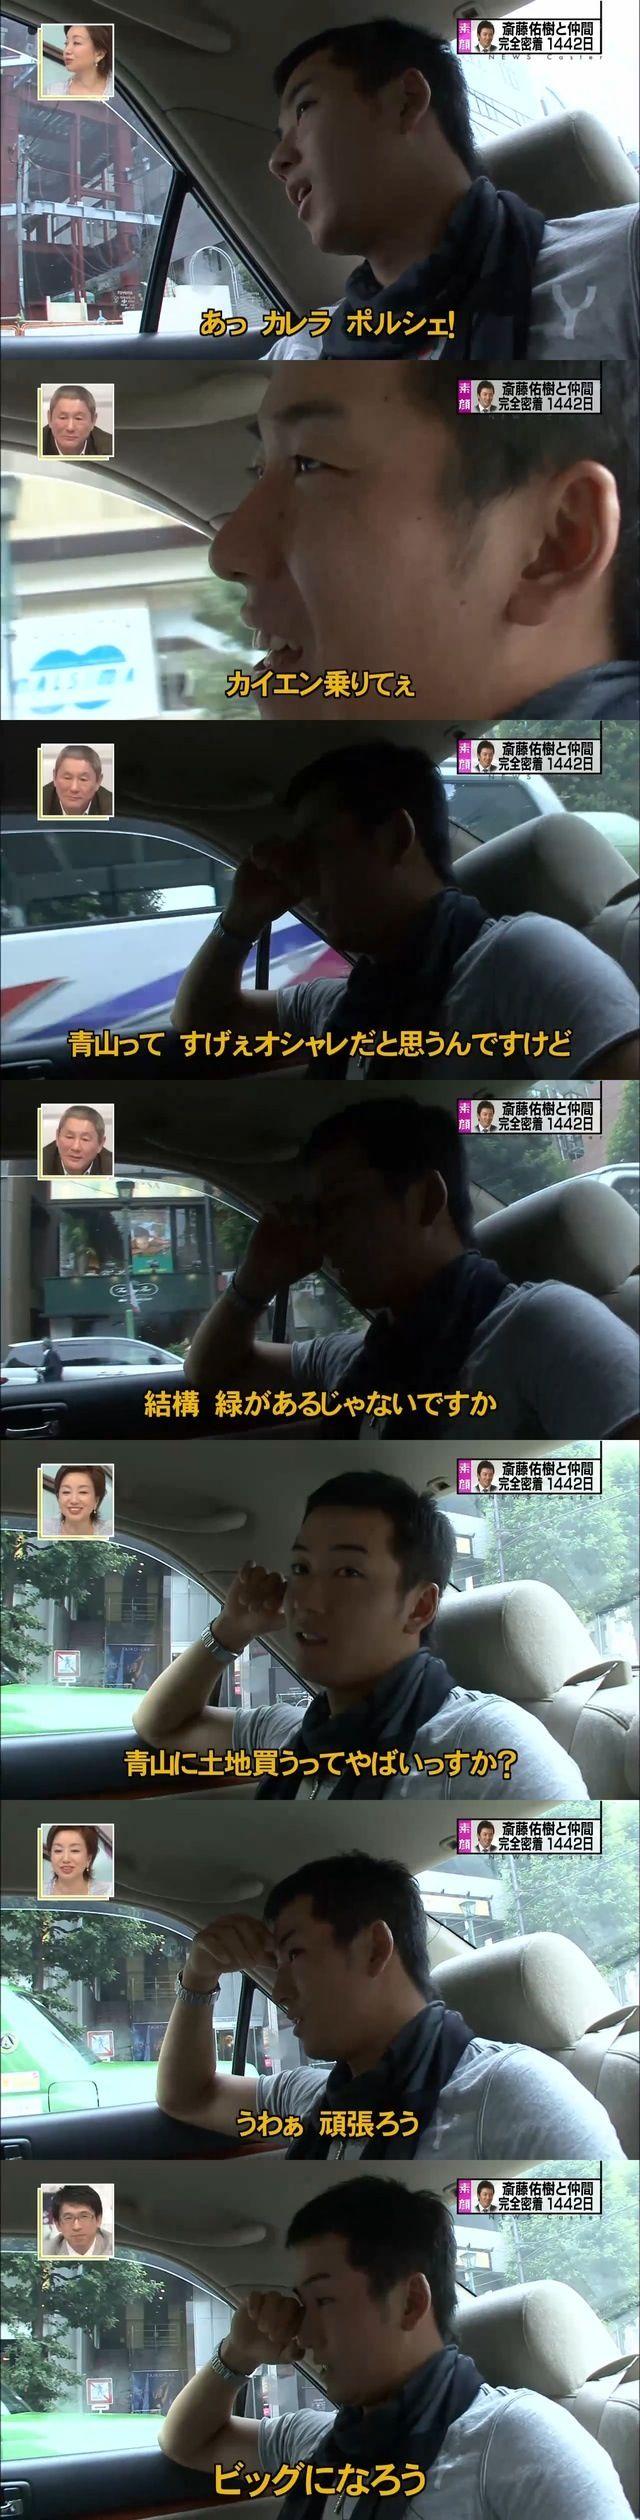 http://livedoor.blogimg.jp/saito234-affili4/imgs/8/d/8d419645.jpg